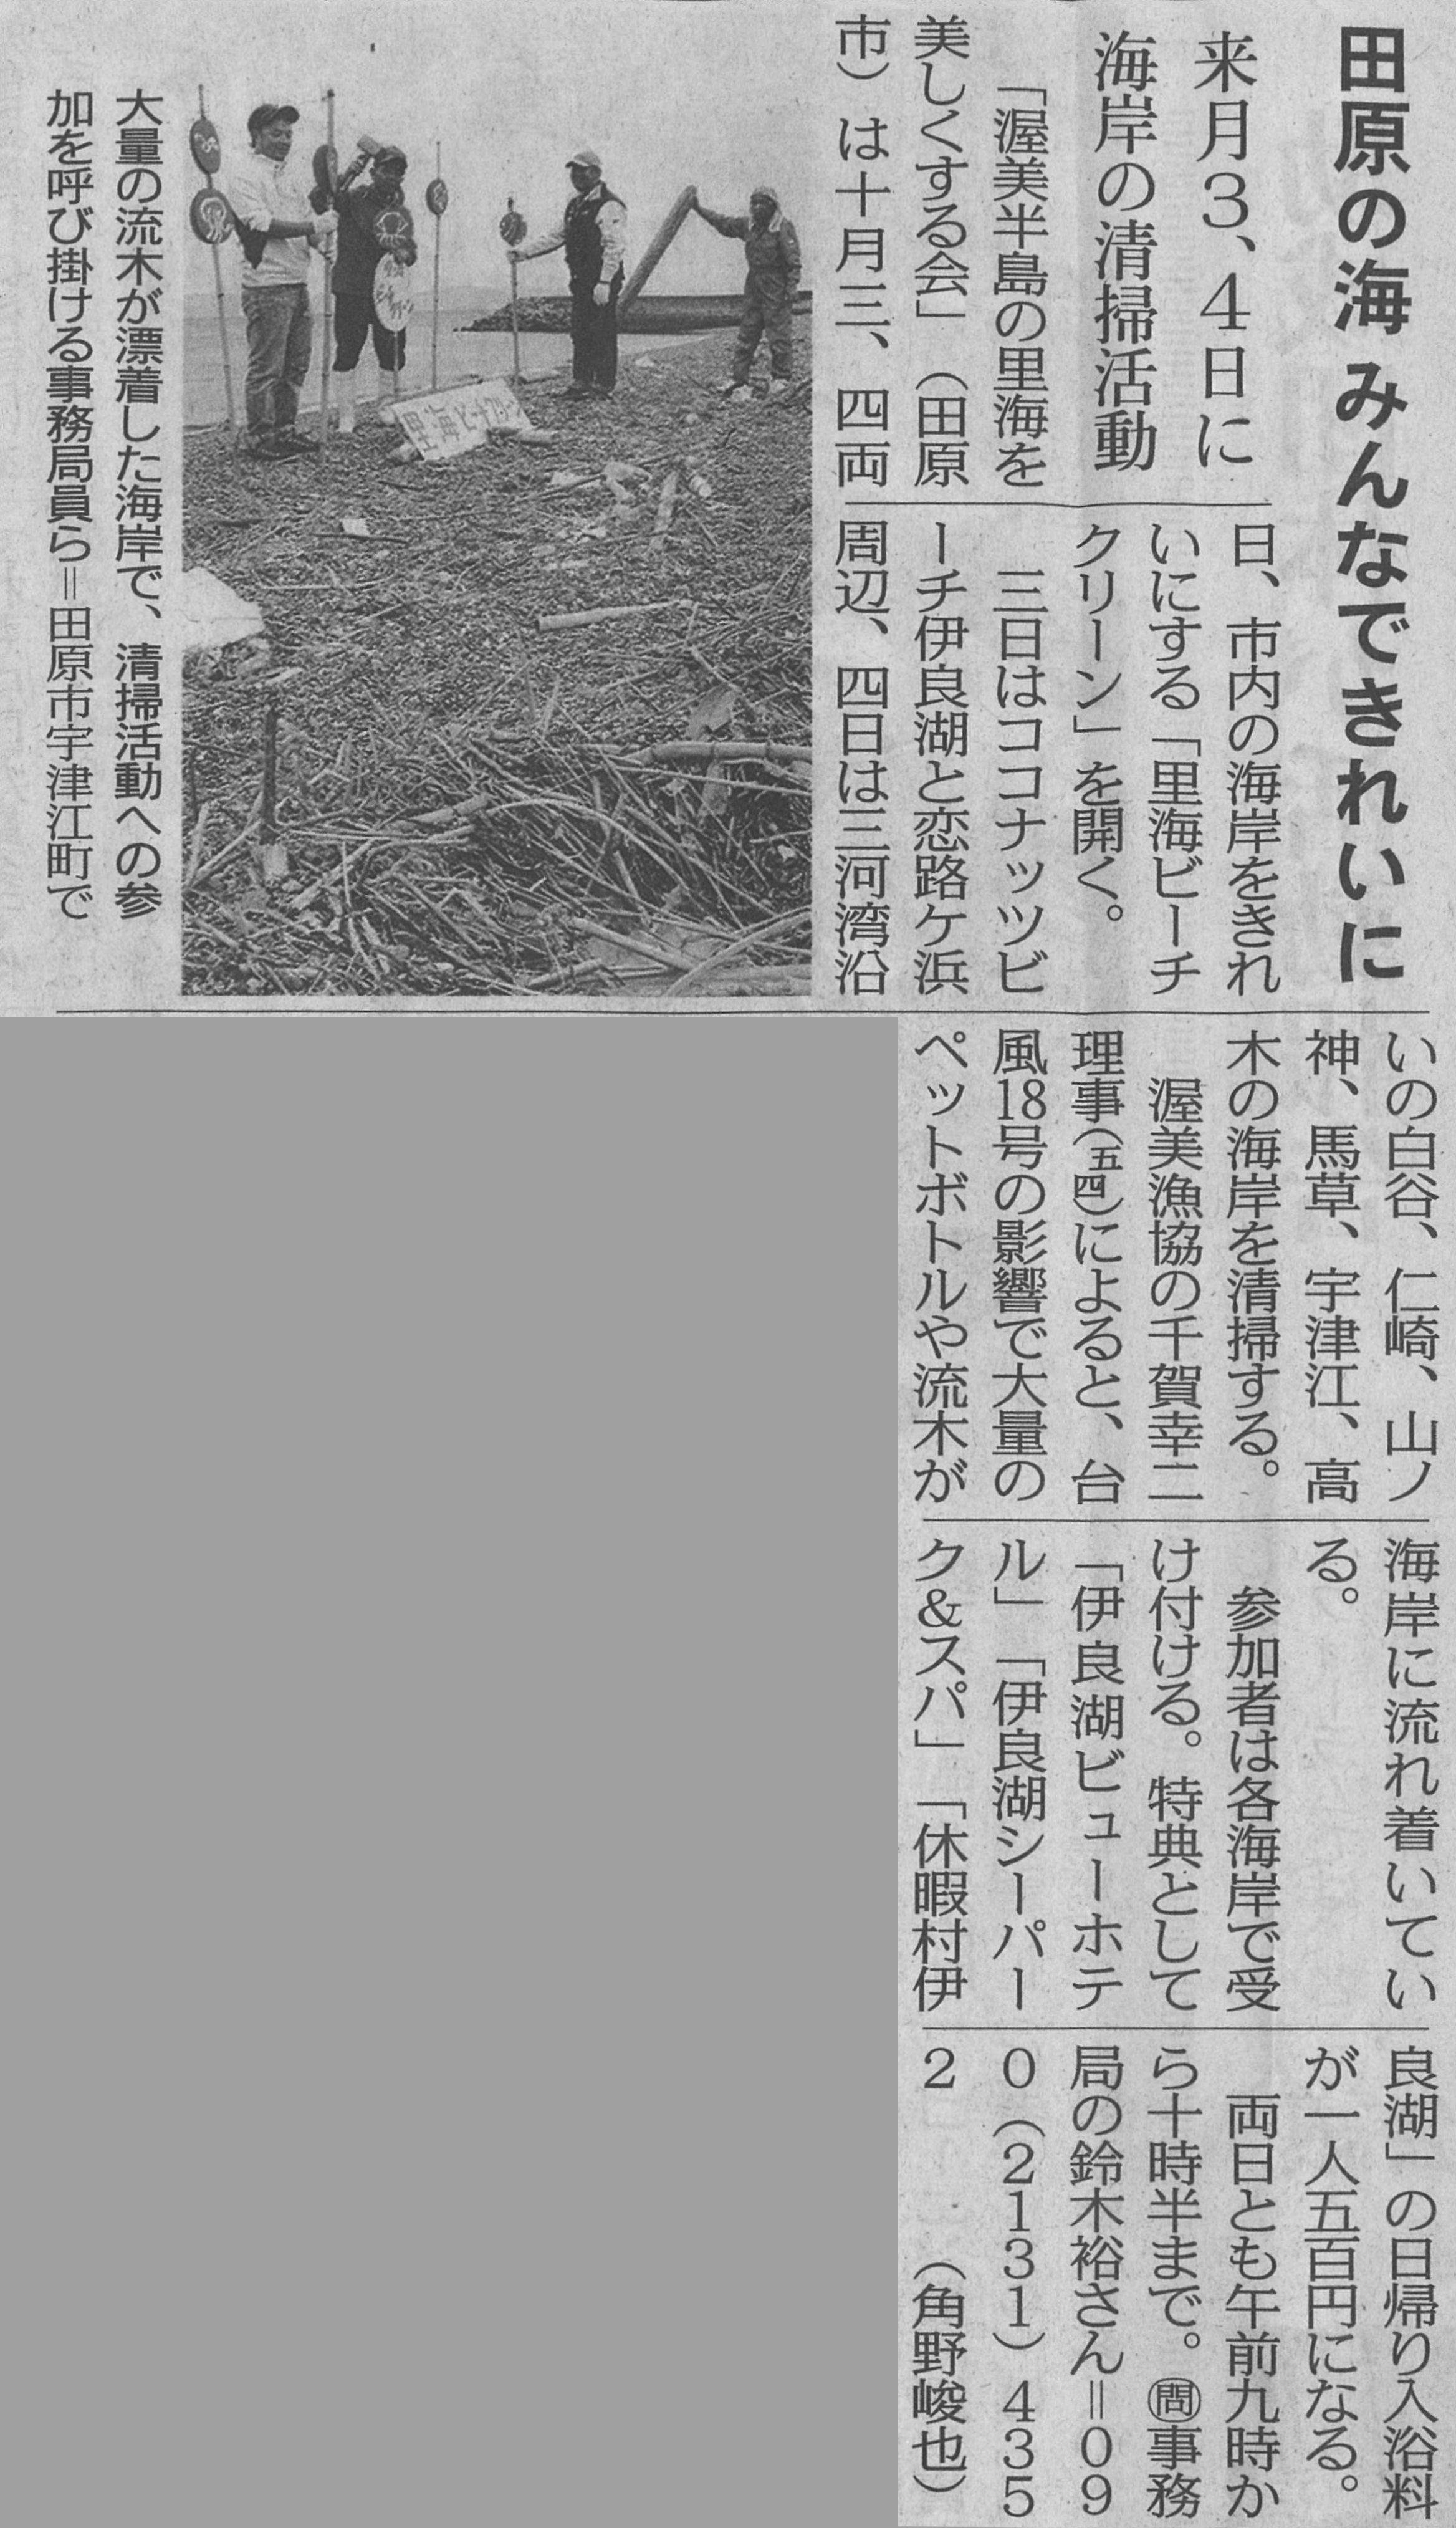 017_田原の海 みんなできれいに(中日新聞)20150925